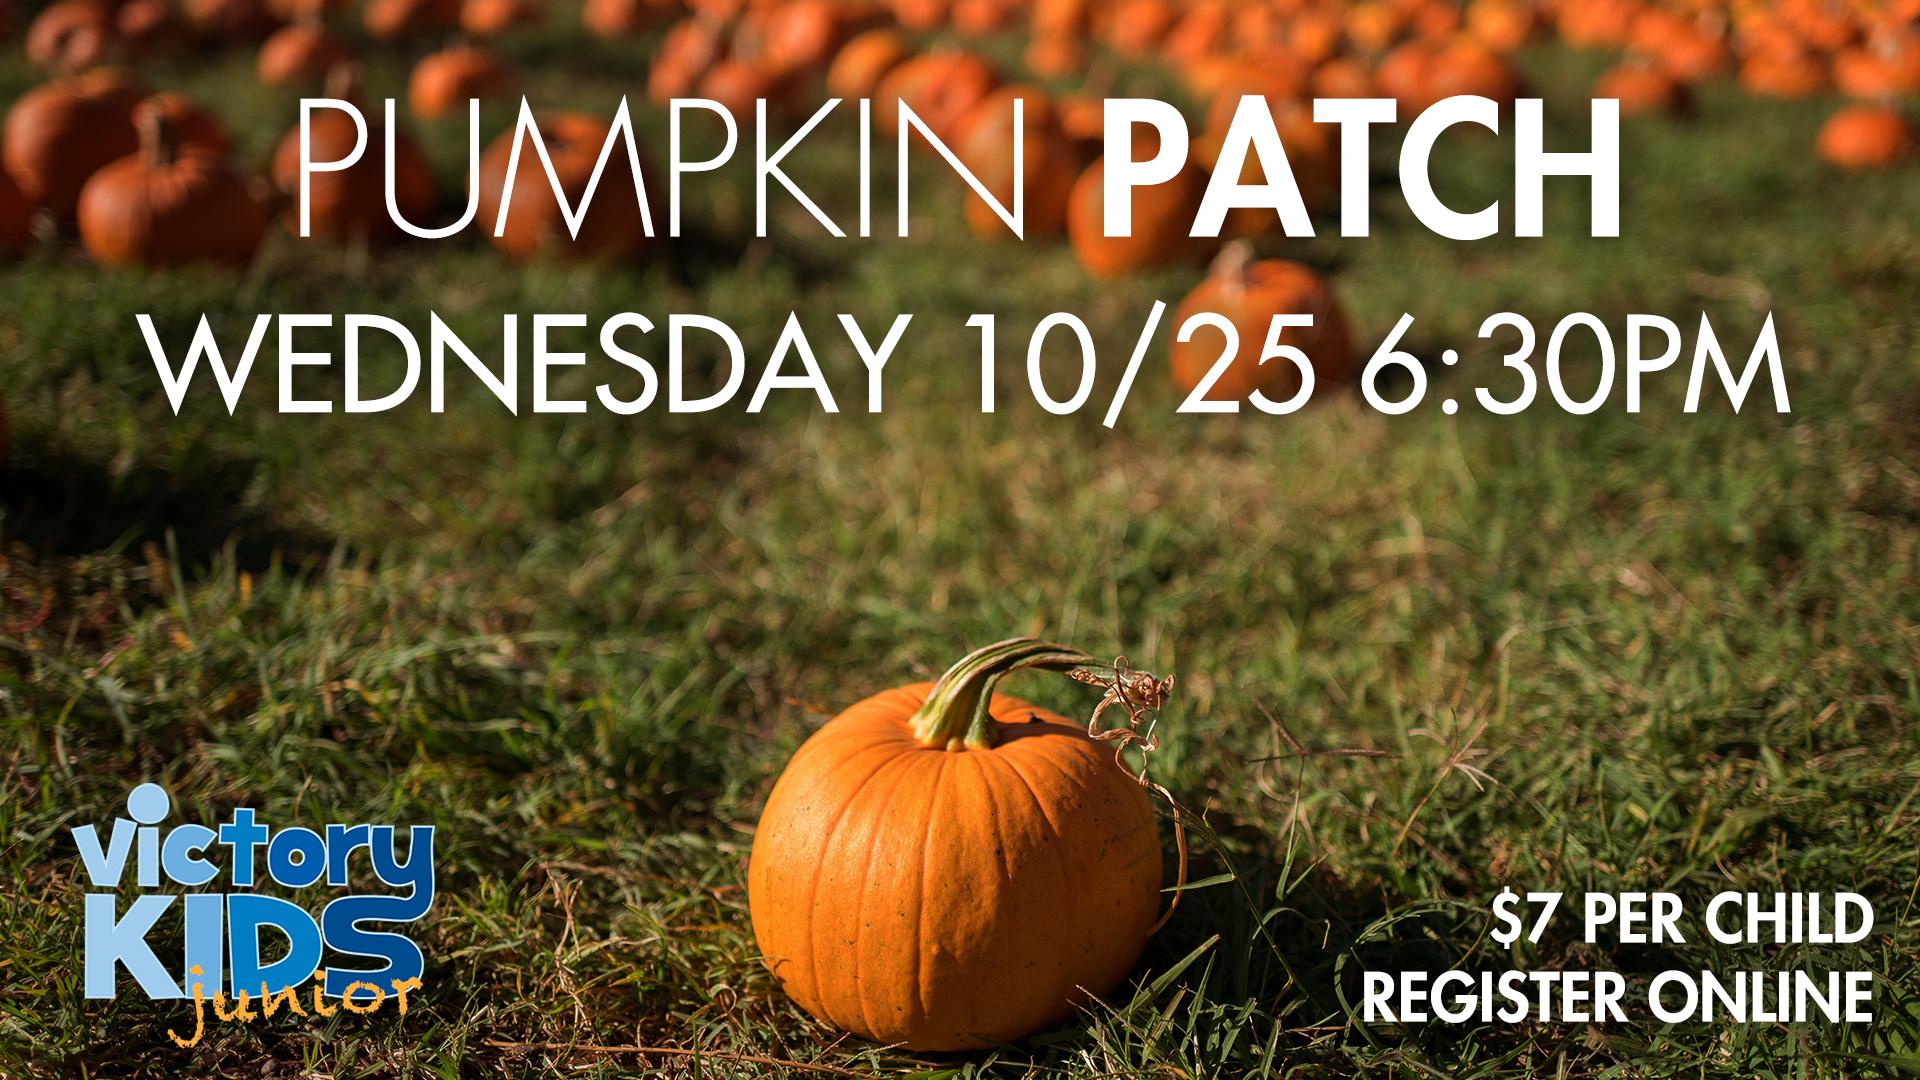 Vkj pumpkin patch